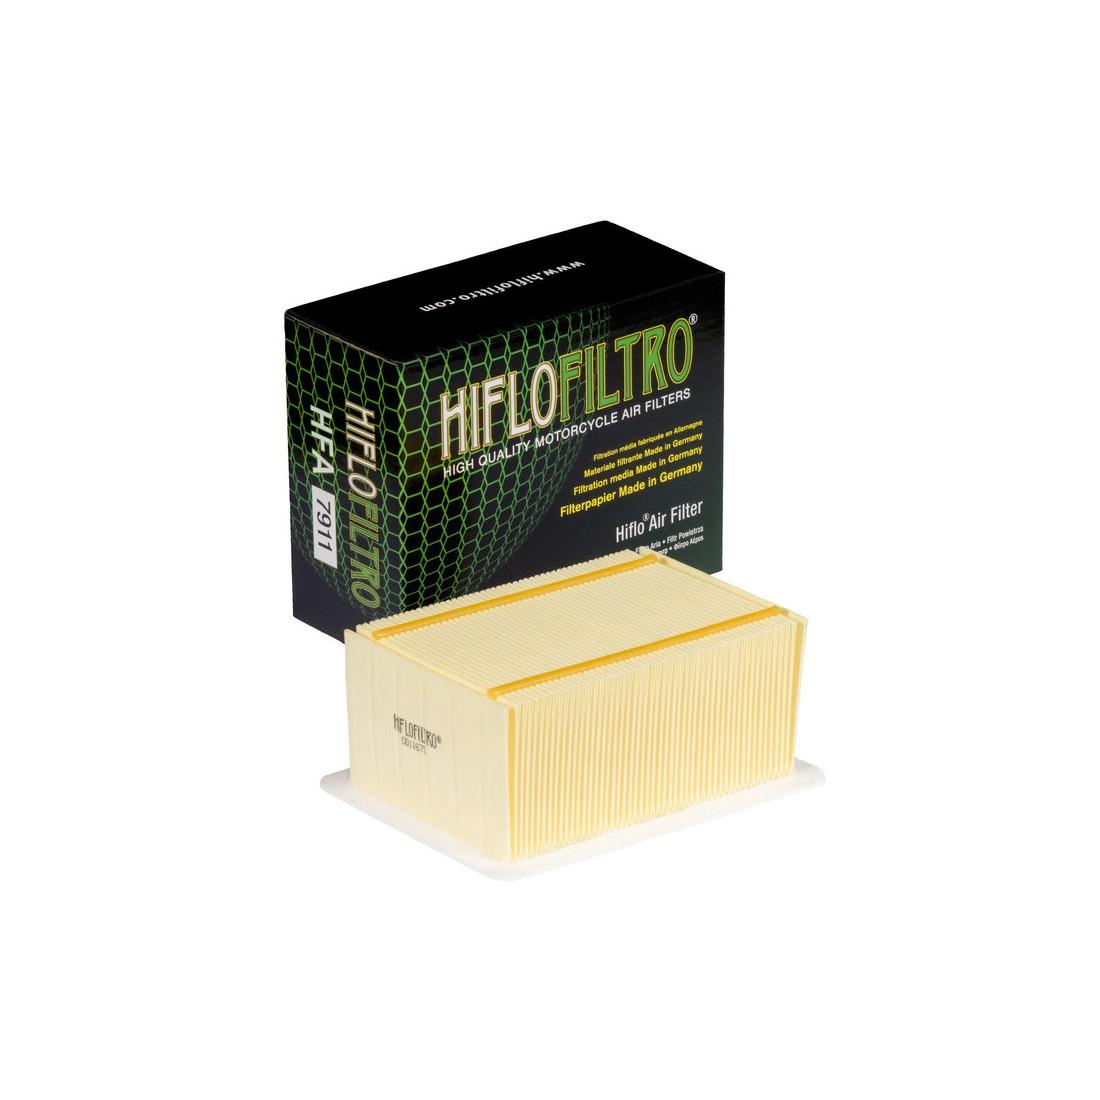 Filtro Aire Hiflofiltro HFA7911